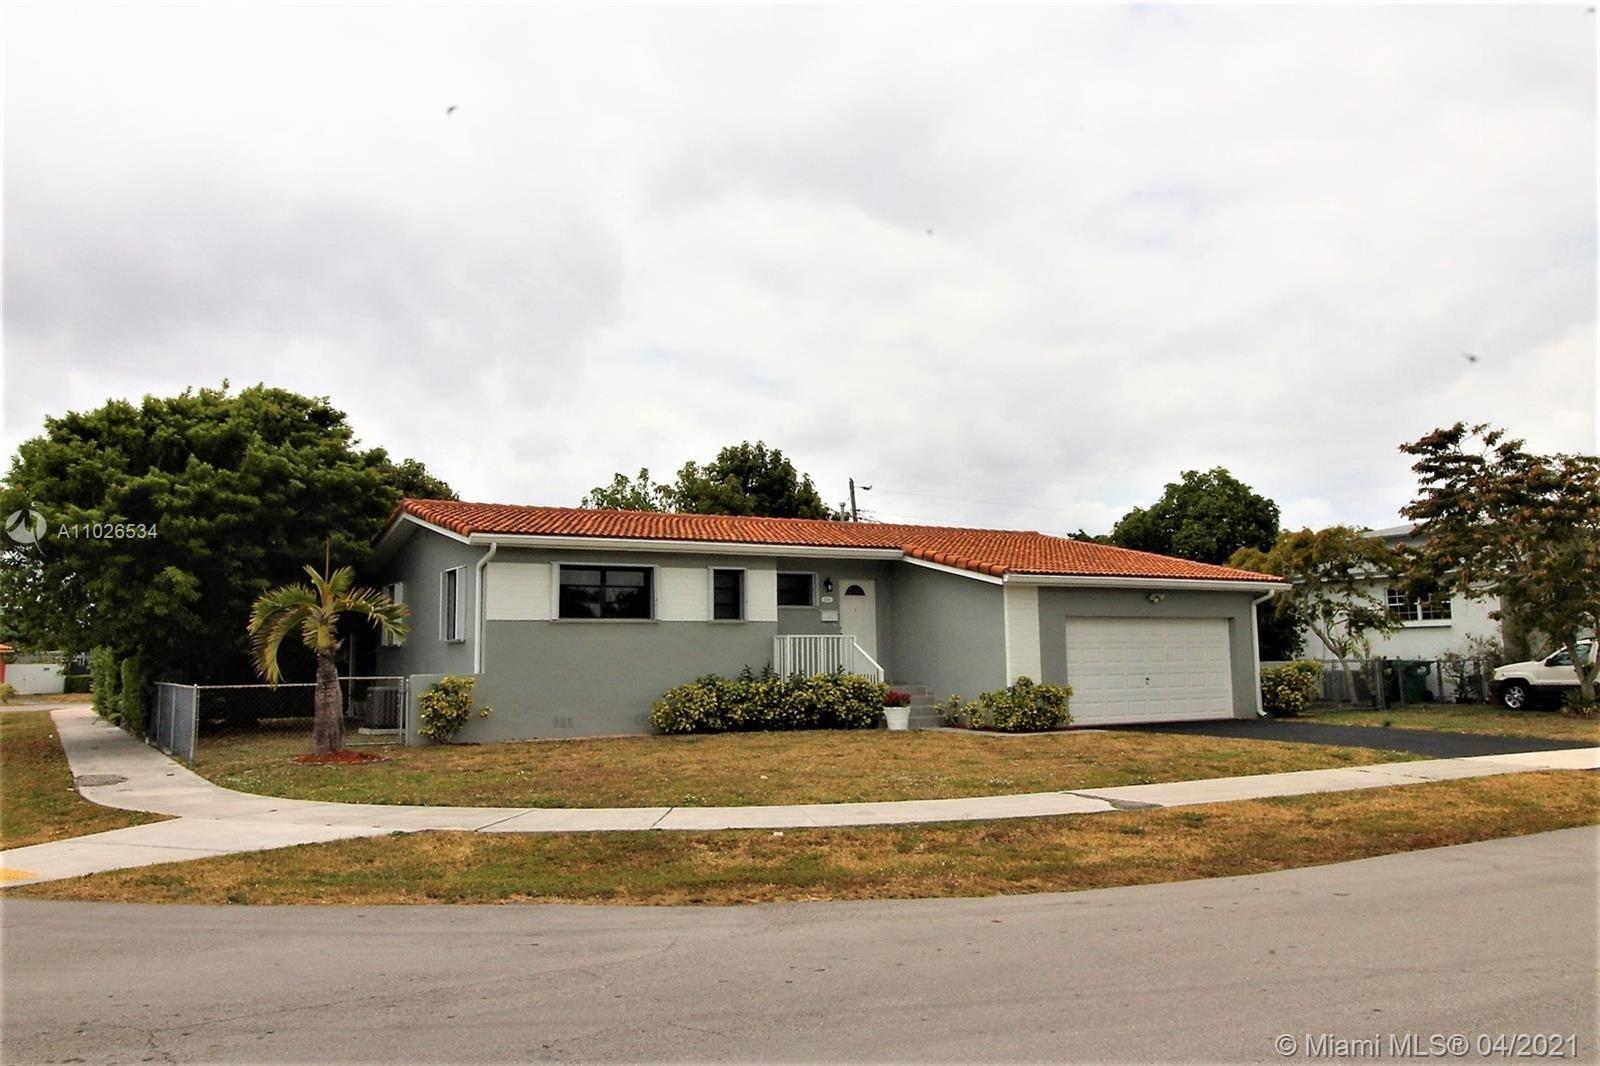 2230 SW 83rd Ave, Miami, FL 33155 - #: A11026534